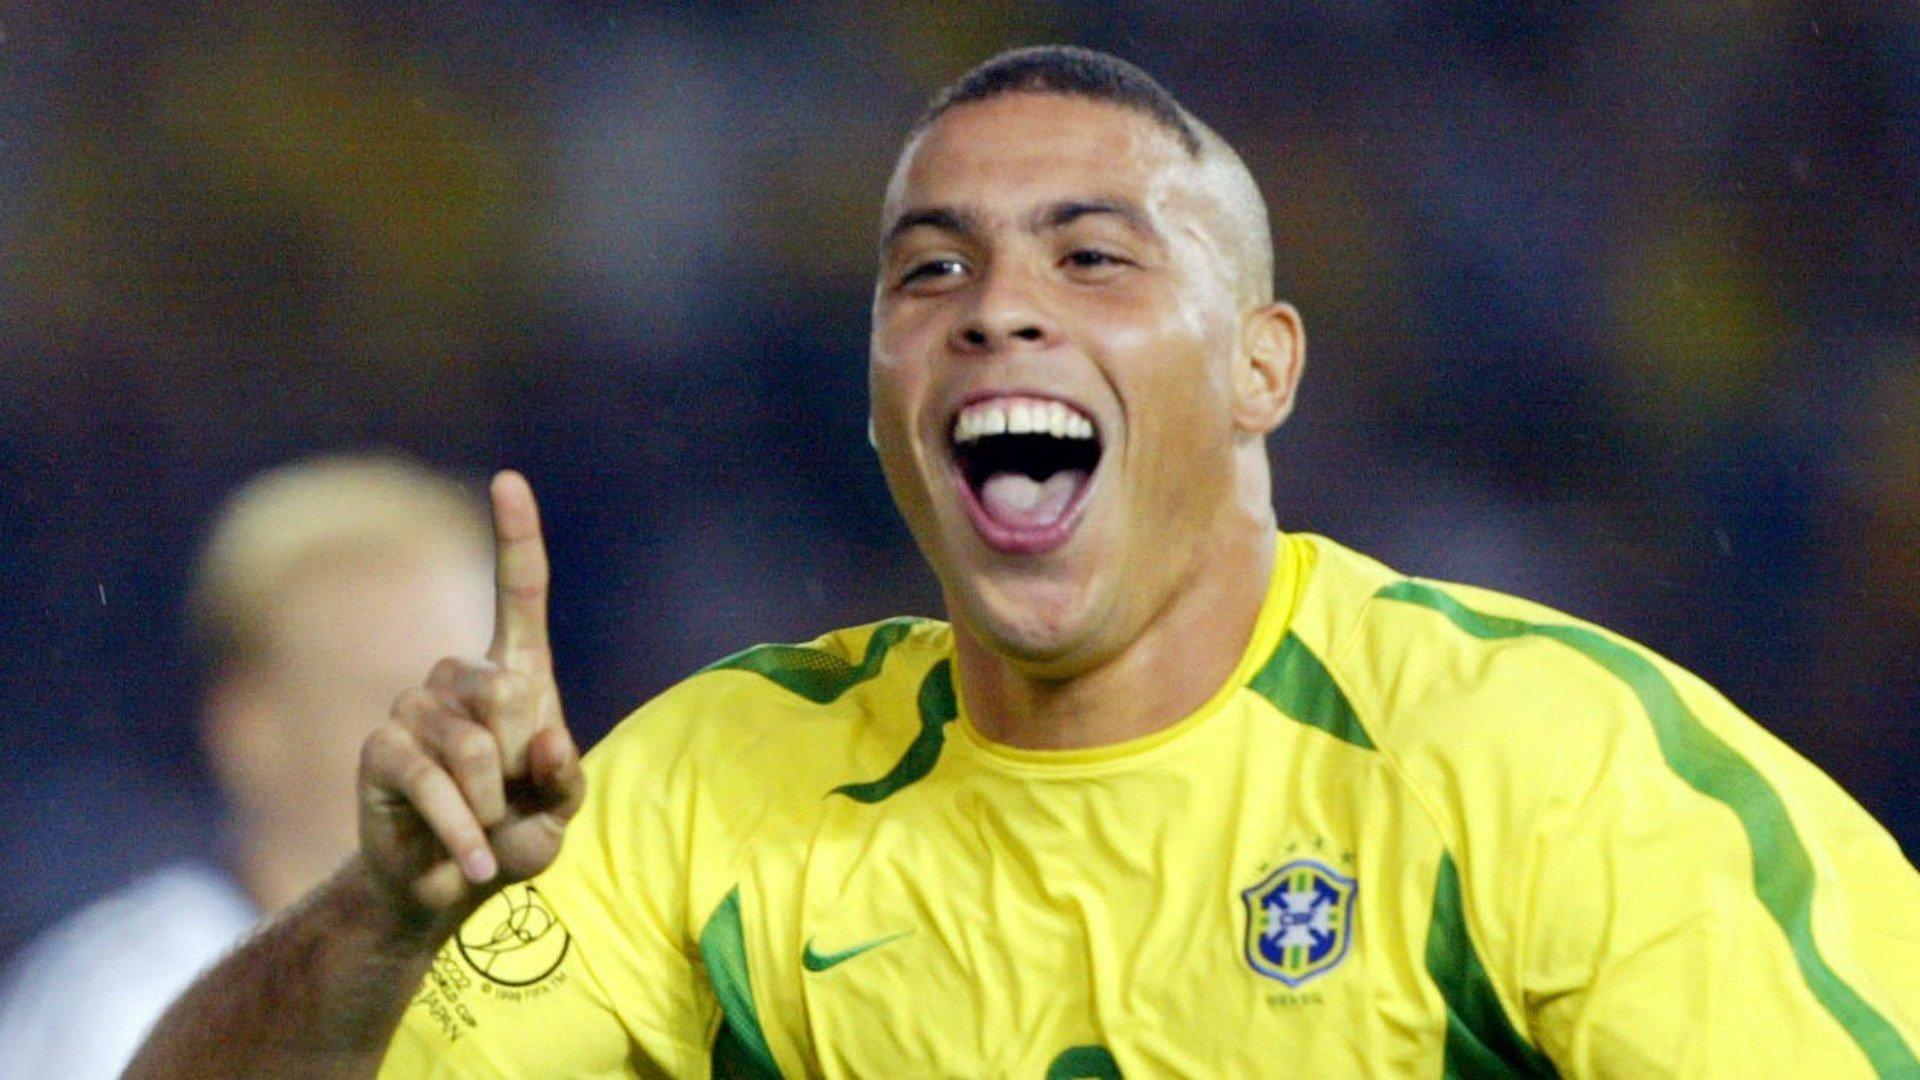 Ronaldo là cầu thủ mà Totti thích chơi cùng